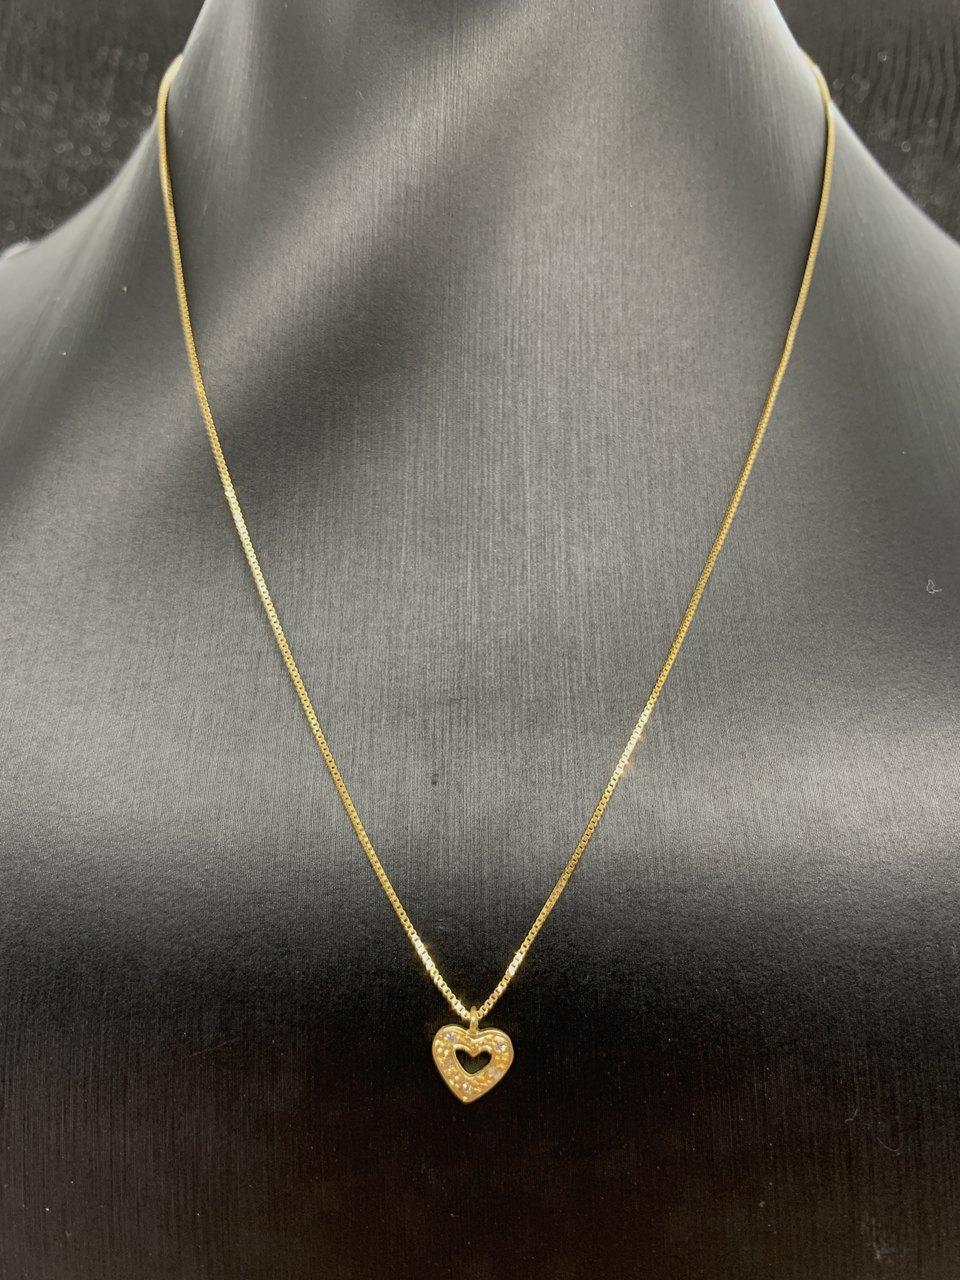 Colar de Ouro 18k Coração Contorno Cravejado Jjoias Premium